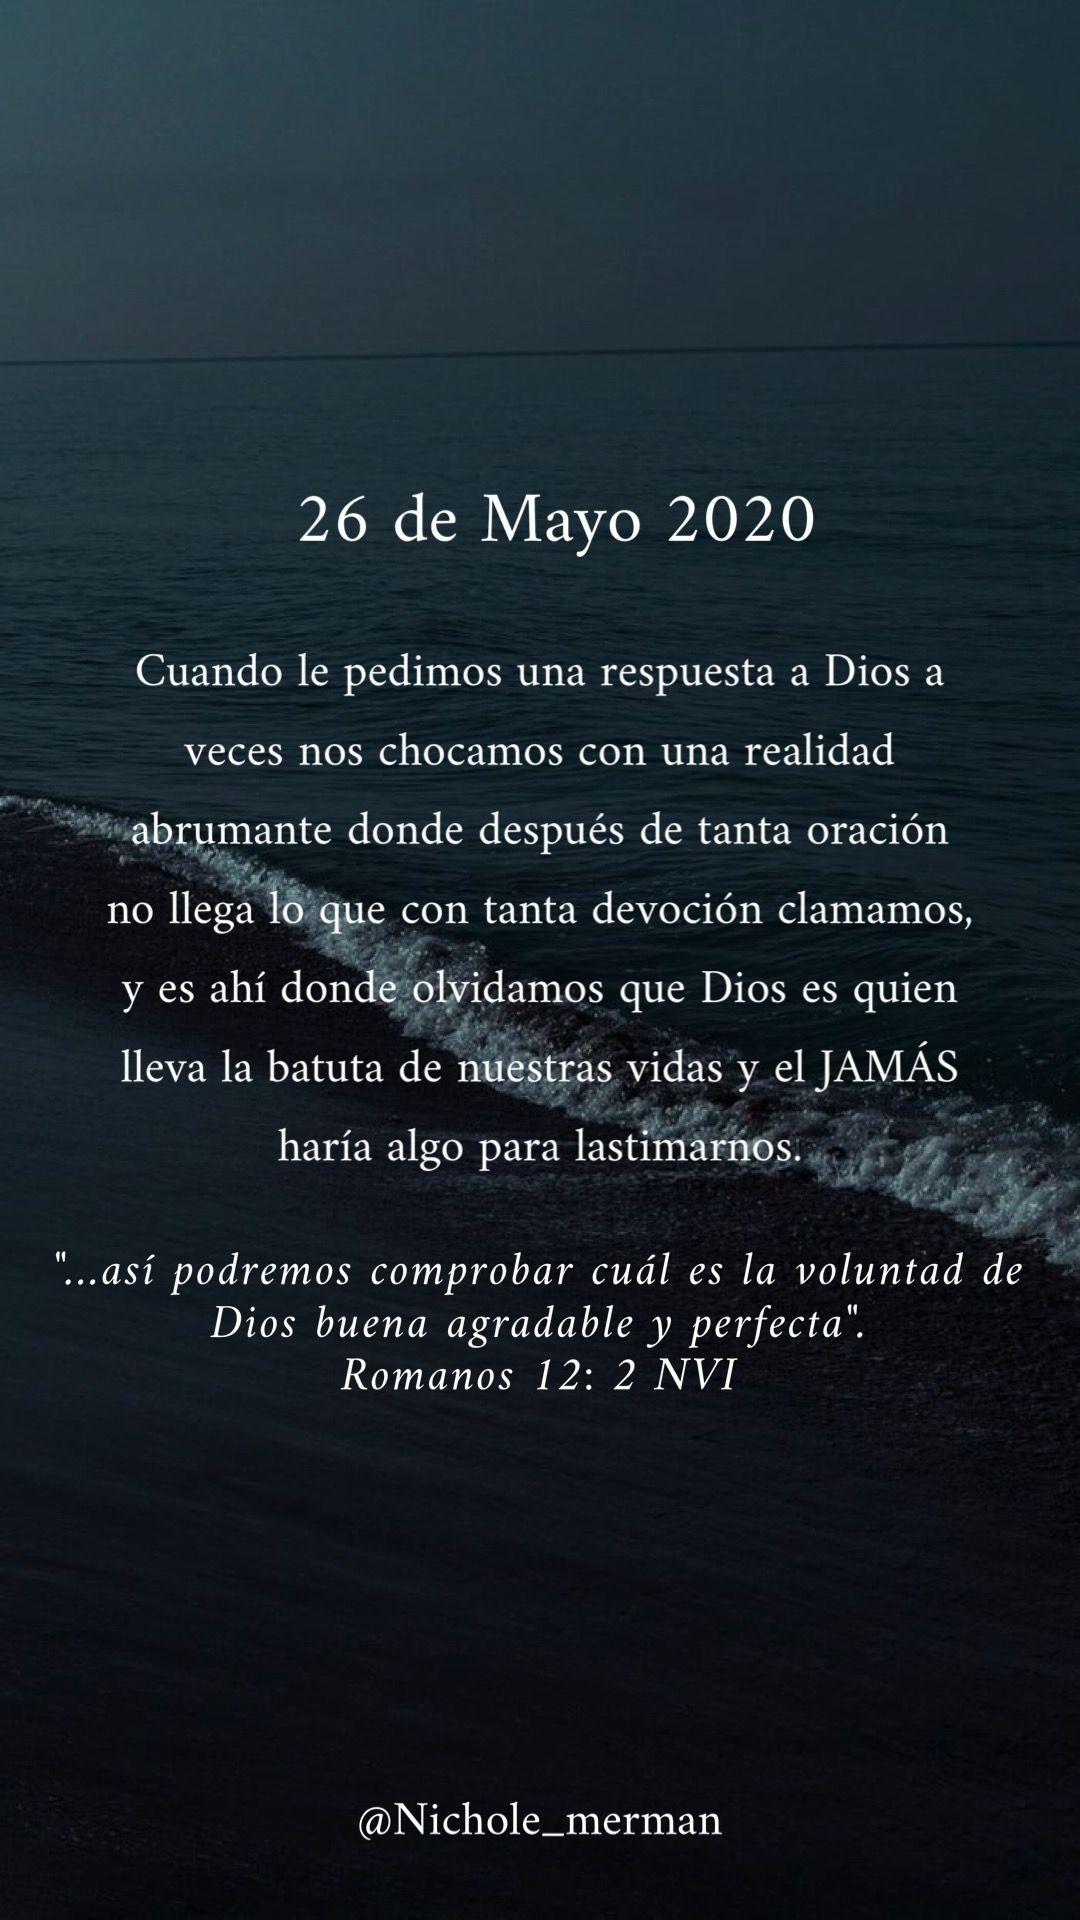 26 Mayo 2020 Romanos 12 2 Romanos 12 Dios